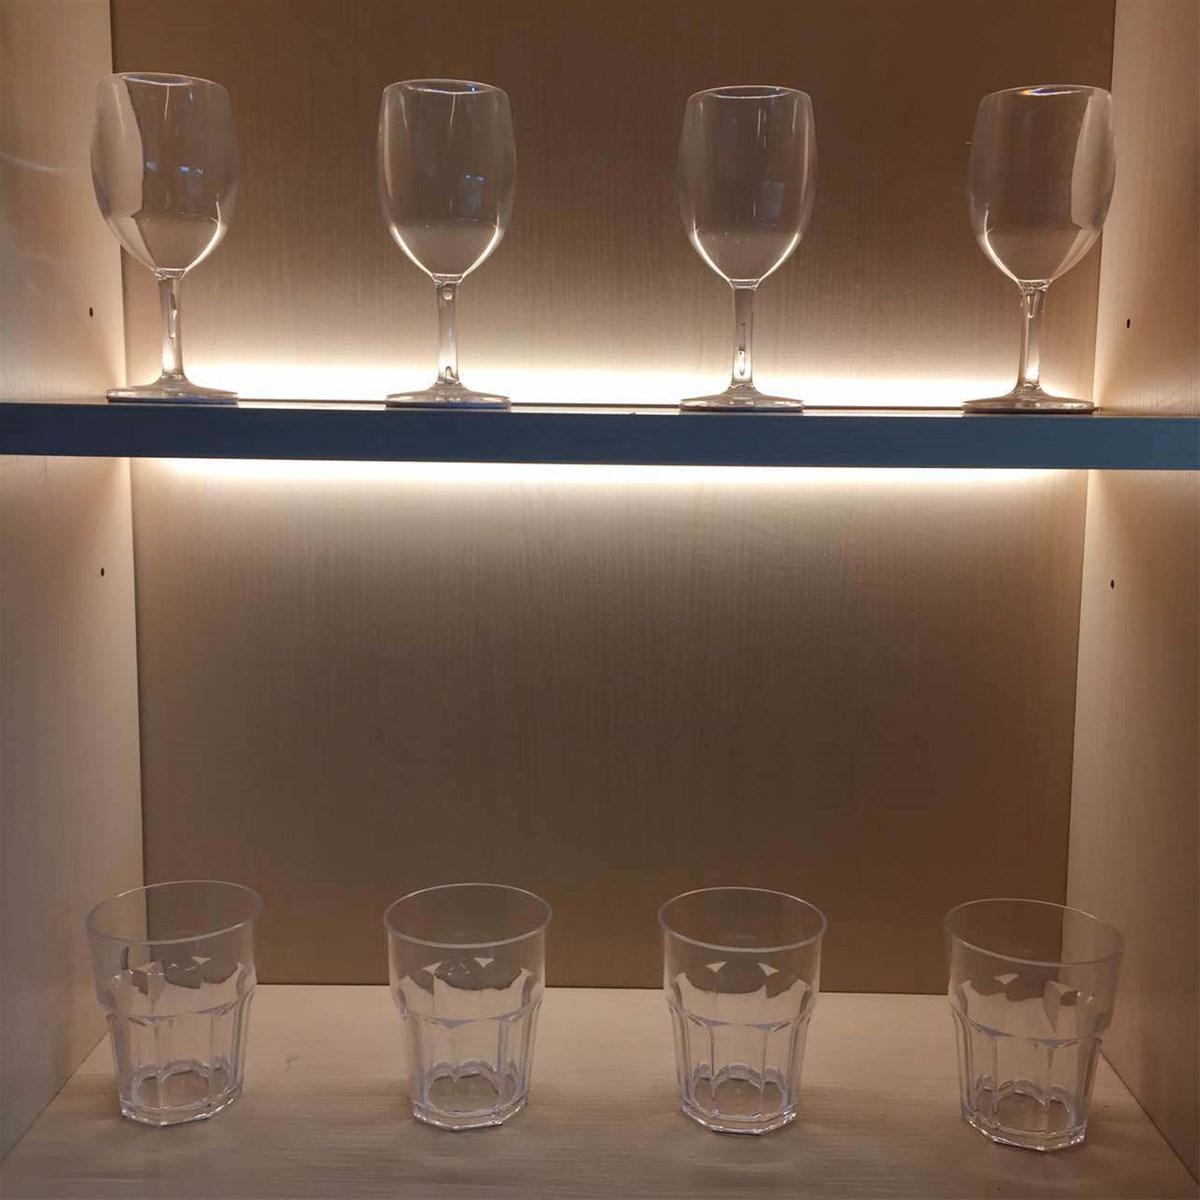 25mm wooden shelf liminate cabient LED Light